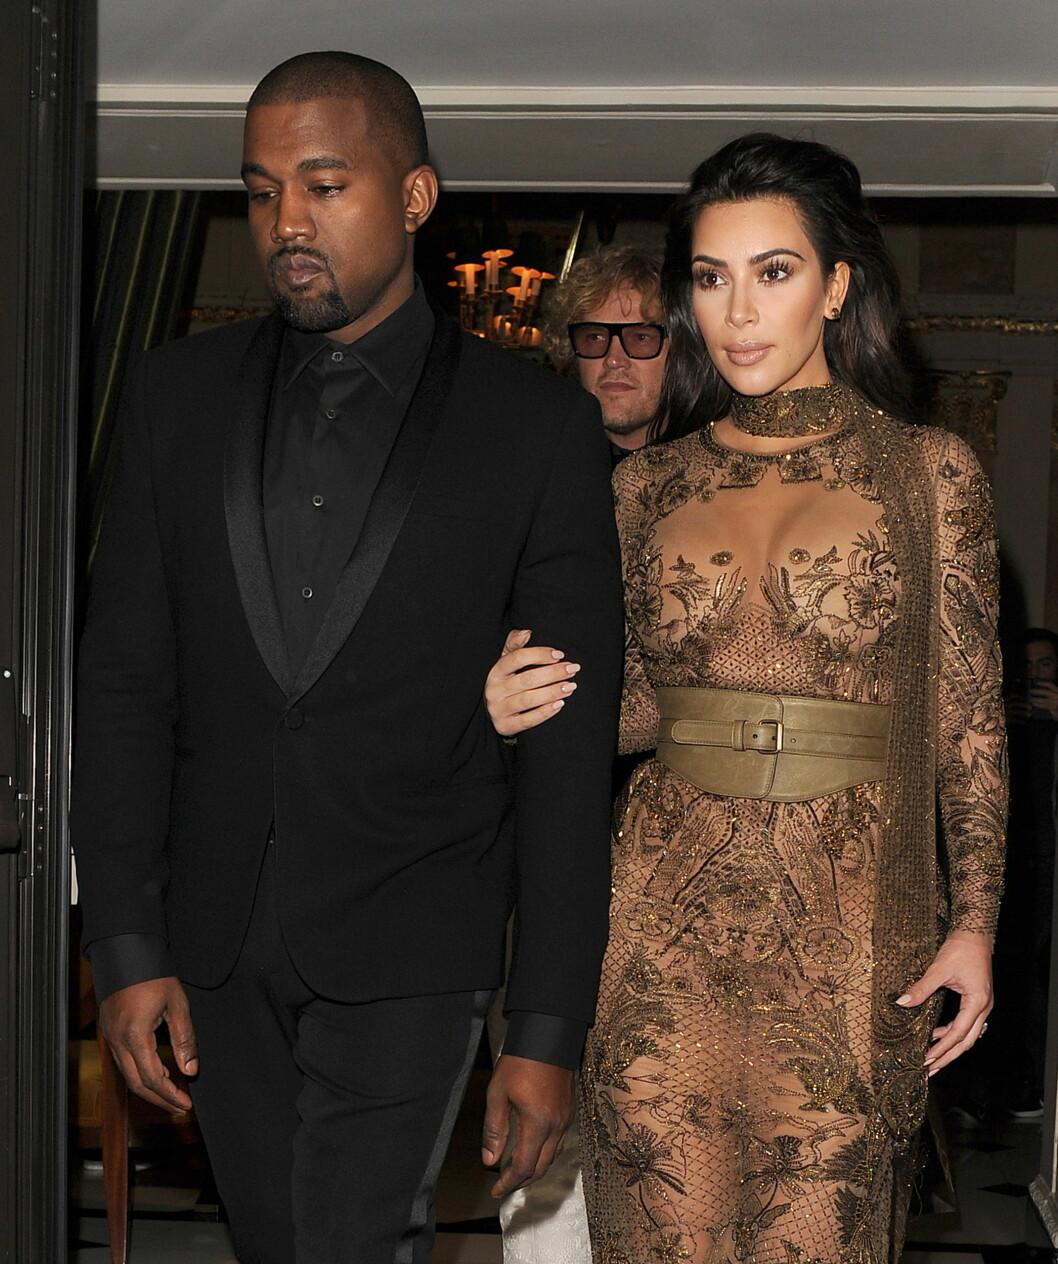 FIKK SKREKKBESKJEDEN: Kims ektemann Kanye West skal ha løpt av scenen under en konsert i New York da han fikk vite om konas dramatiske hendelse.  Foto: wenn.com